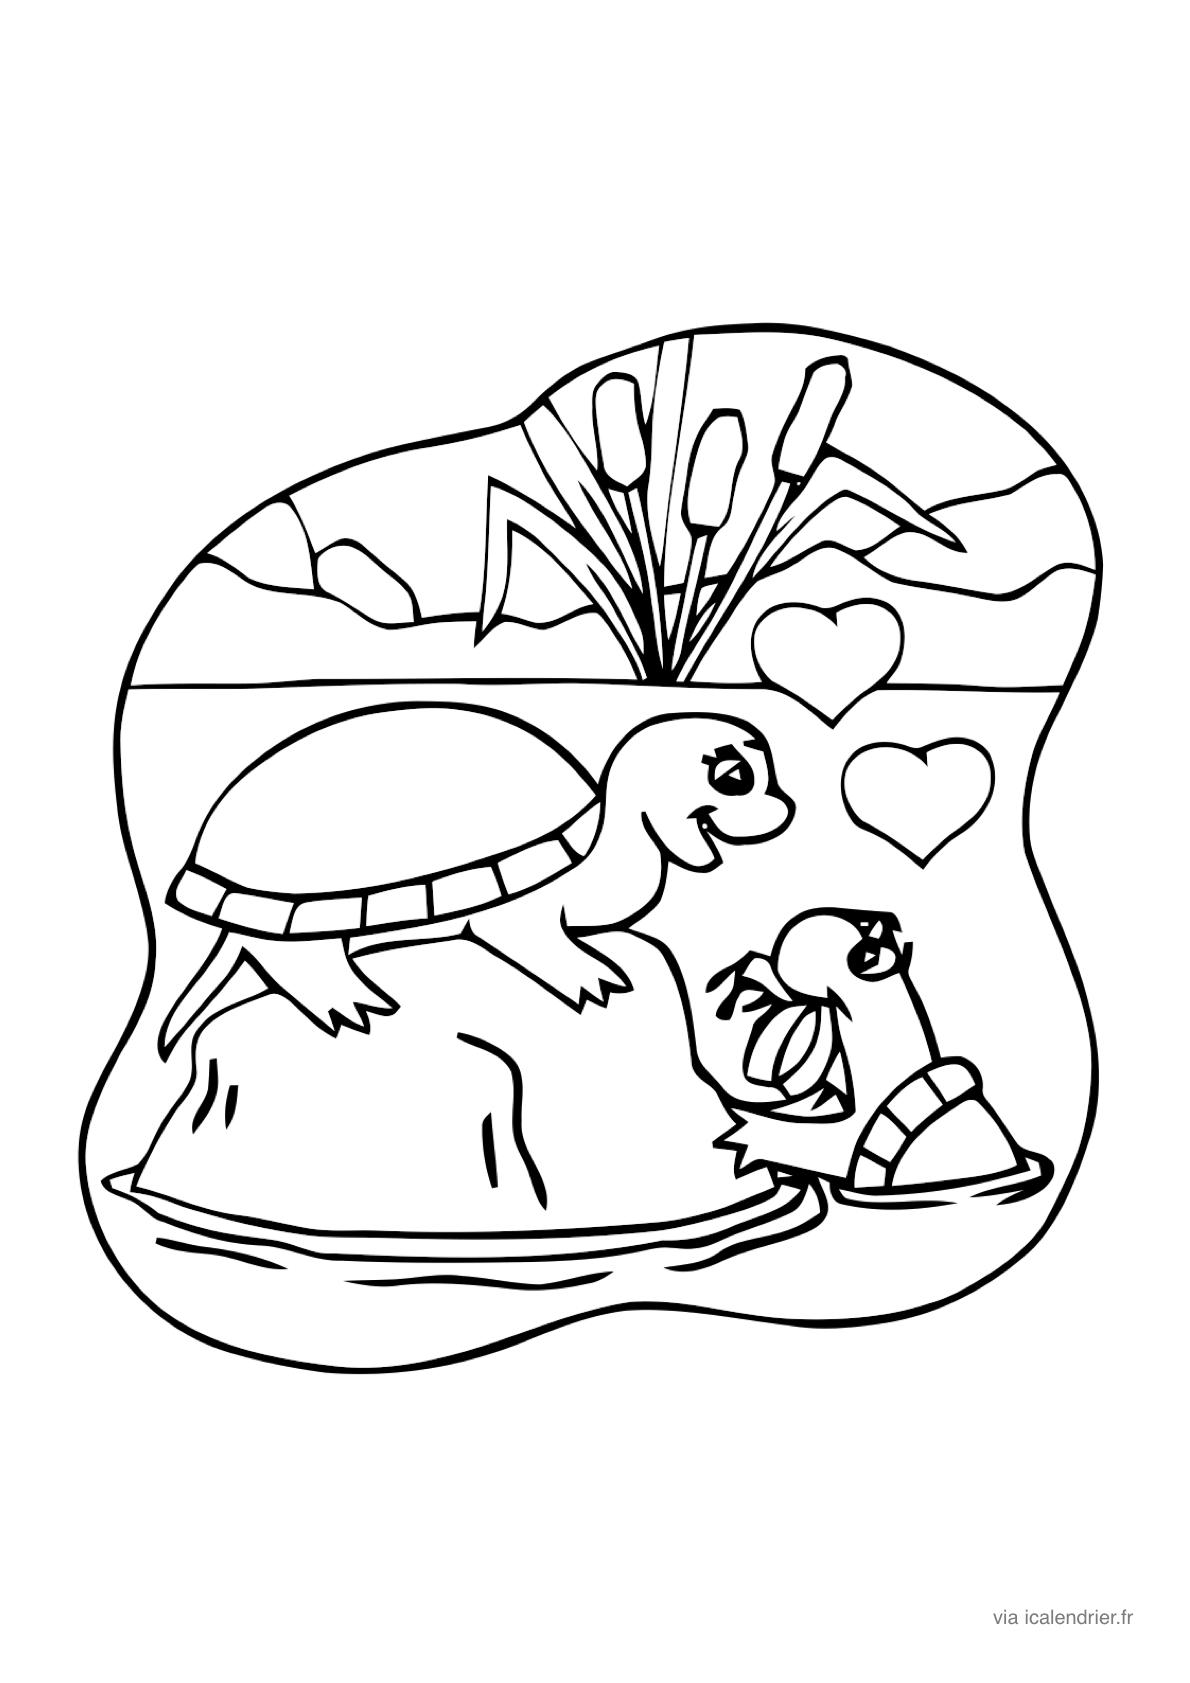 Saint-Valentin - Coloriage À Offrir - Icalendrier pour Dessin Pour La Saint Valentin